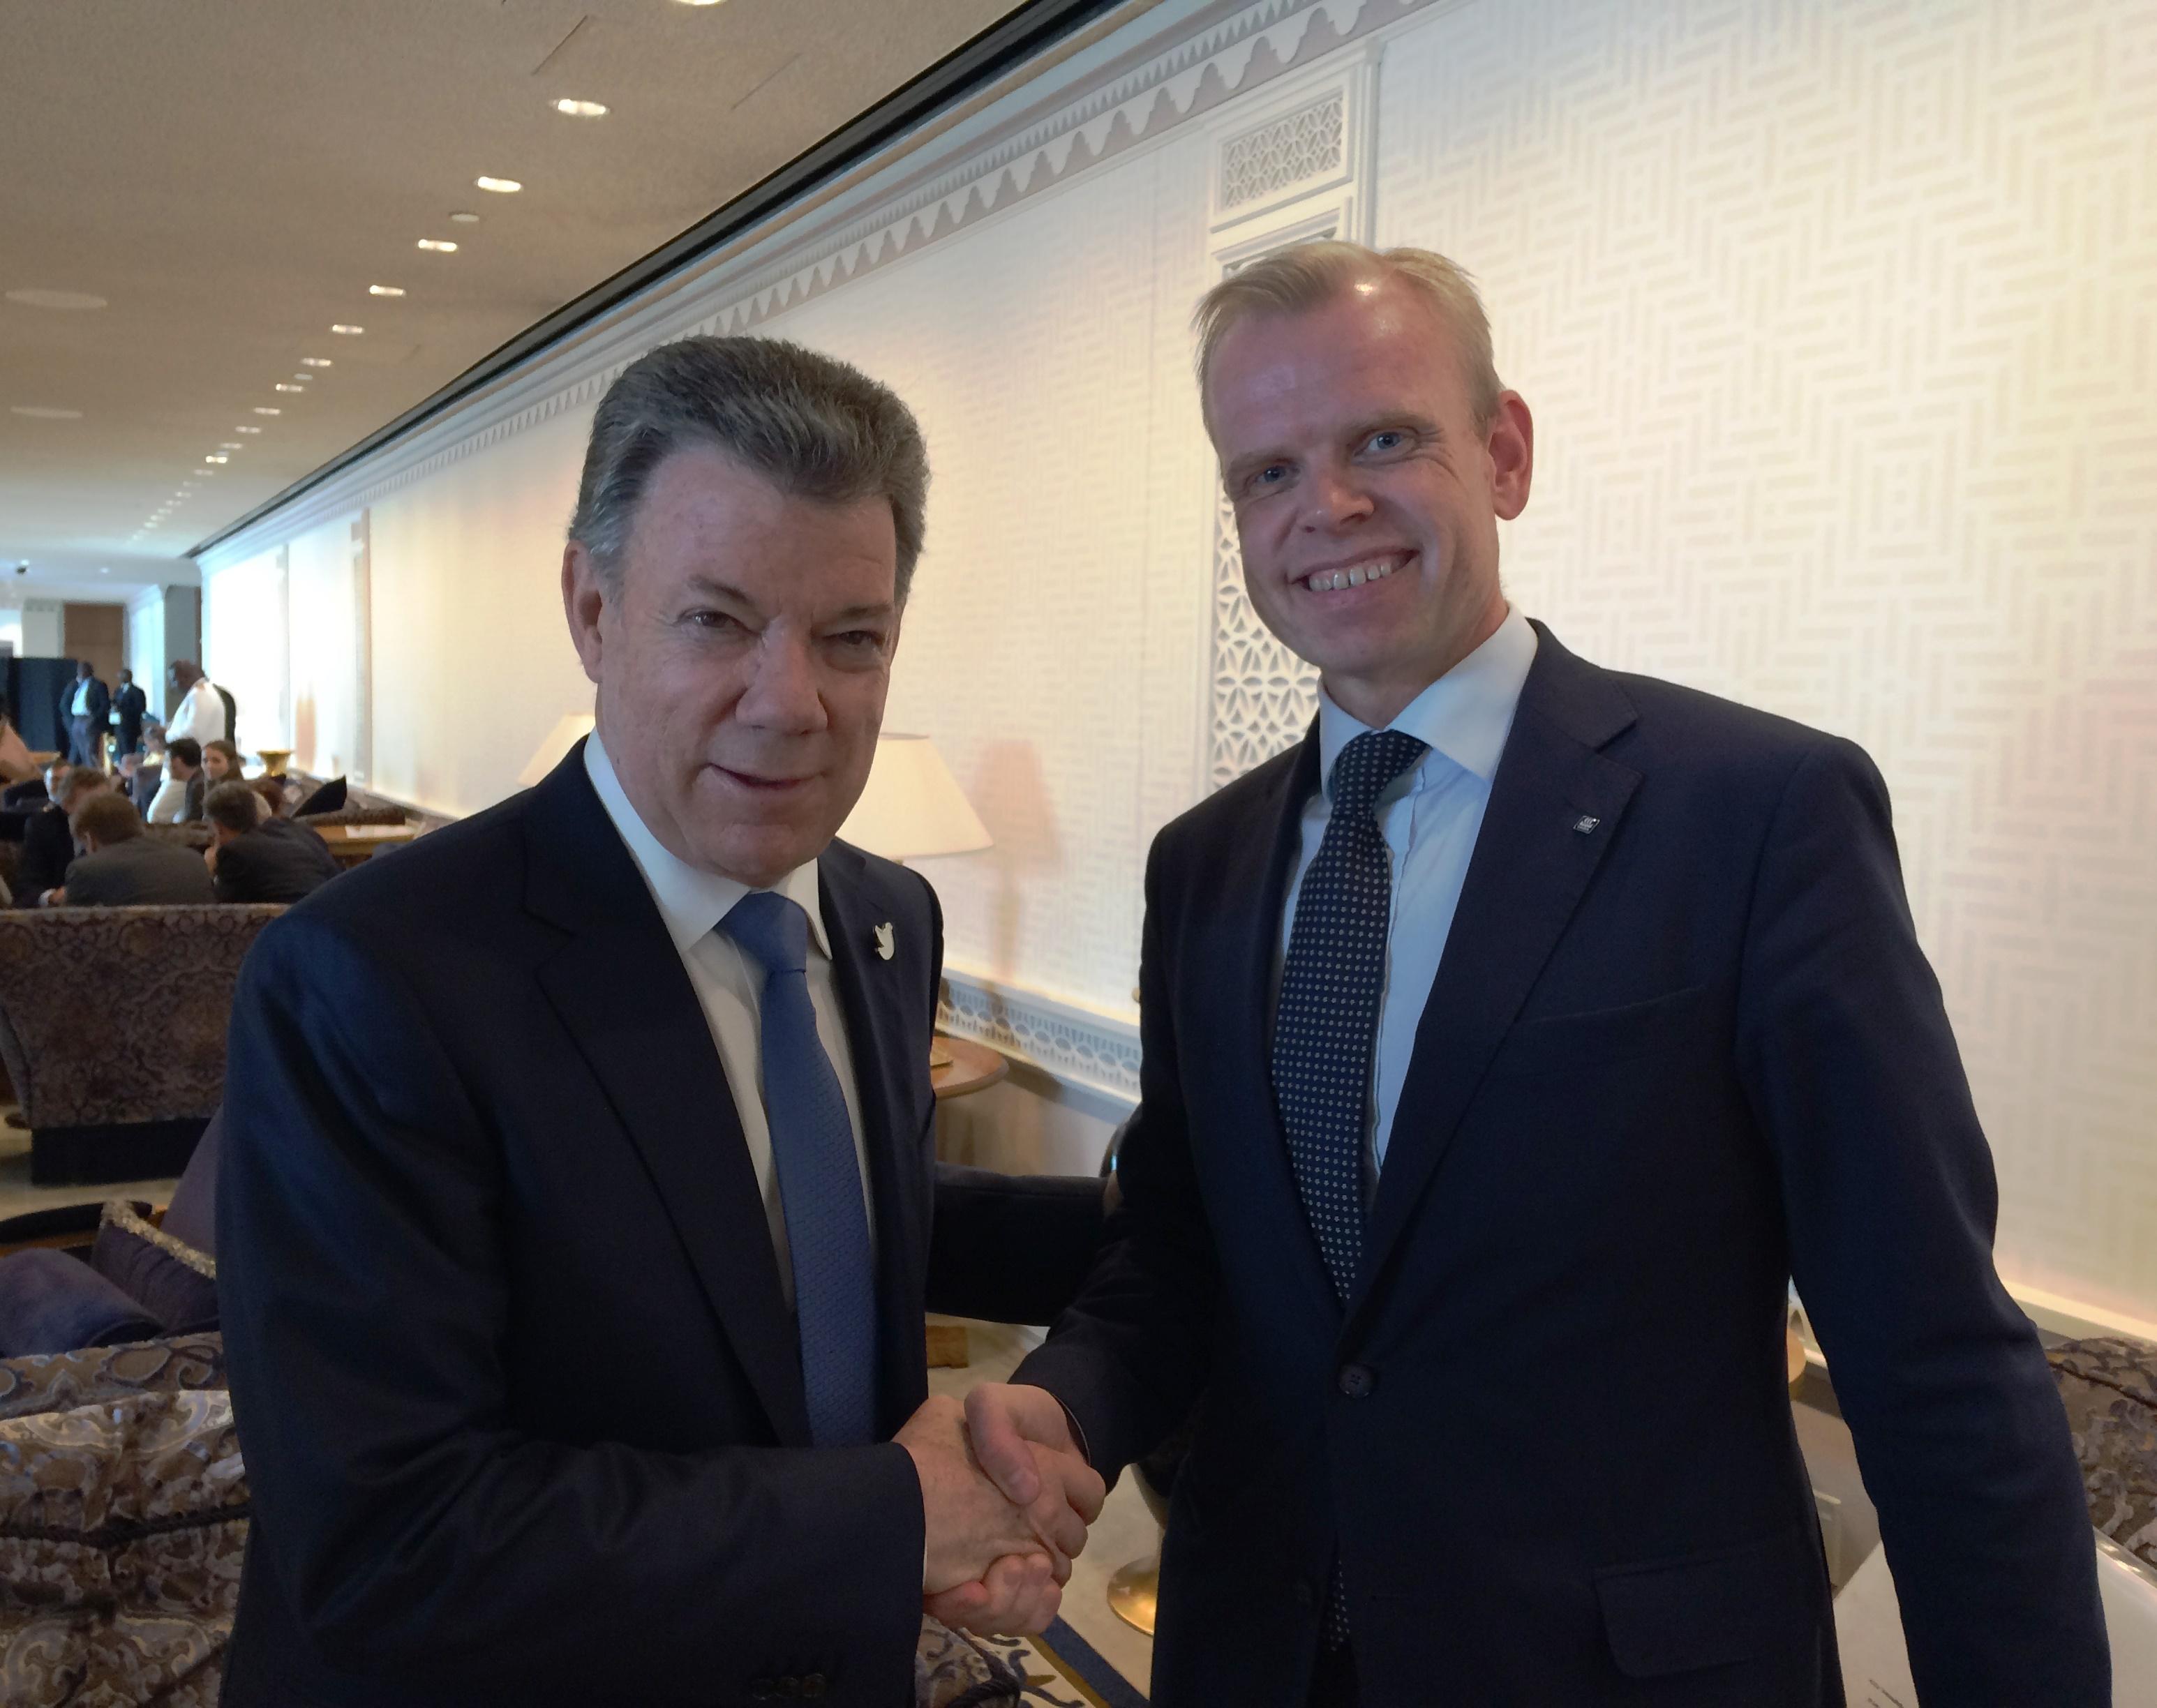 El presidente y director ejecutivo de Yara, Svein Tore Holsether, se reunió con el presidente de Colombia, Juan Manuel Santos, en el marco del Día Internacional de la Paz, en septiembre de 2016. Crédito: Cortesía de Yara International.